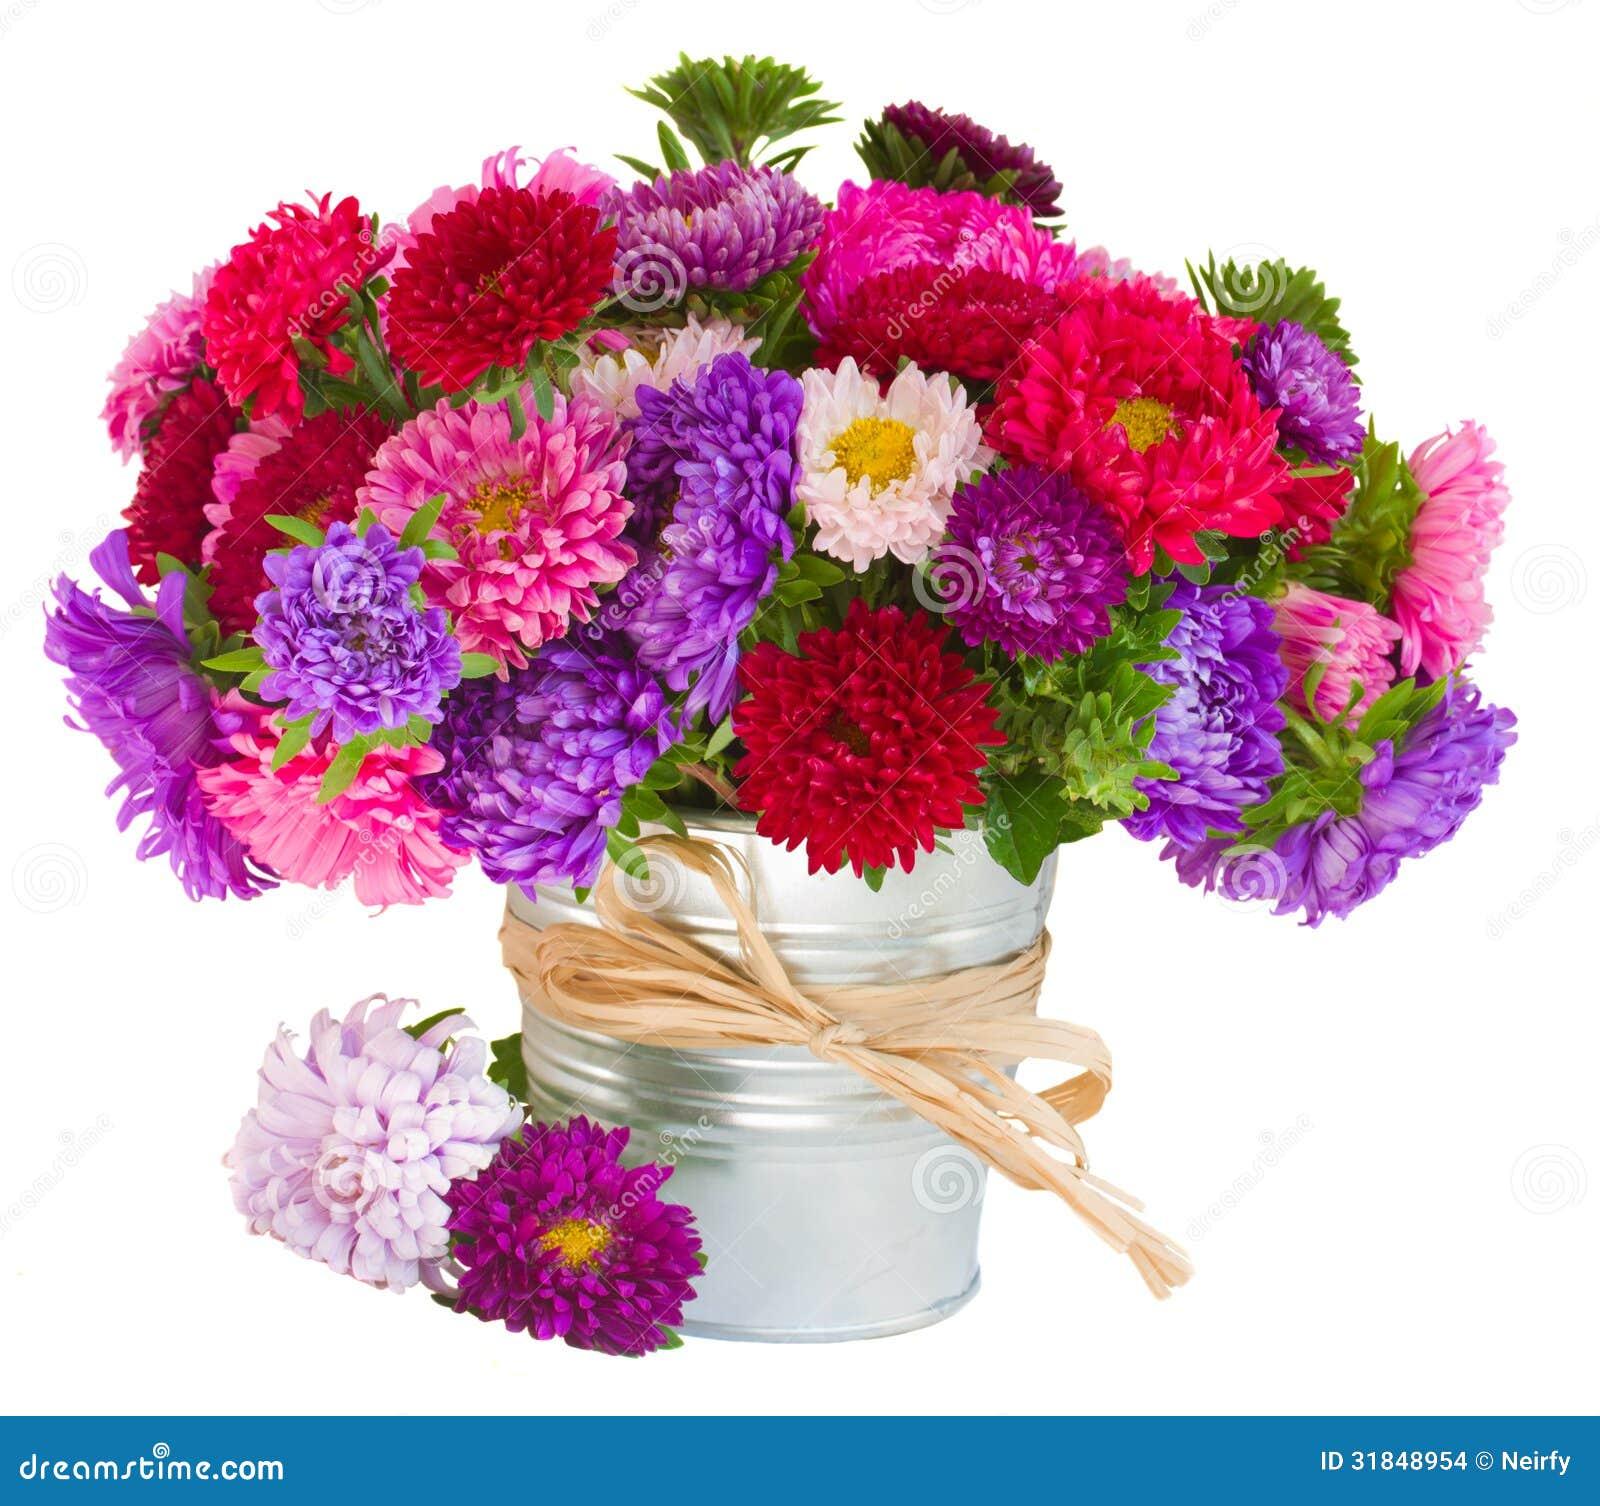 Инфо и фото цветы в Японии  MIUKI MIKADO  Виртуальная